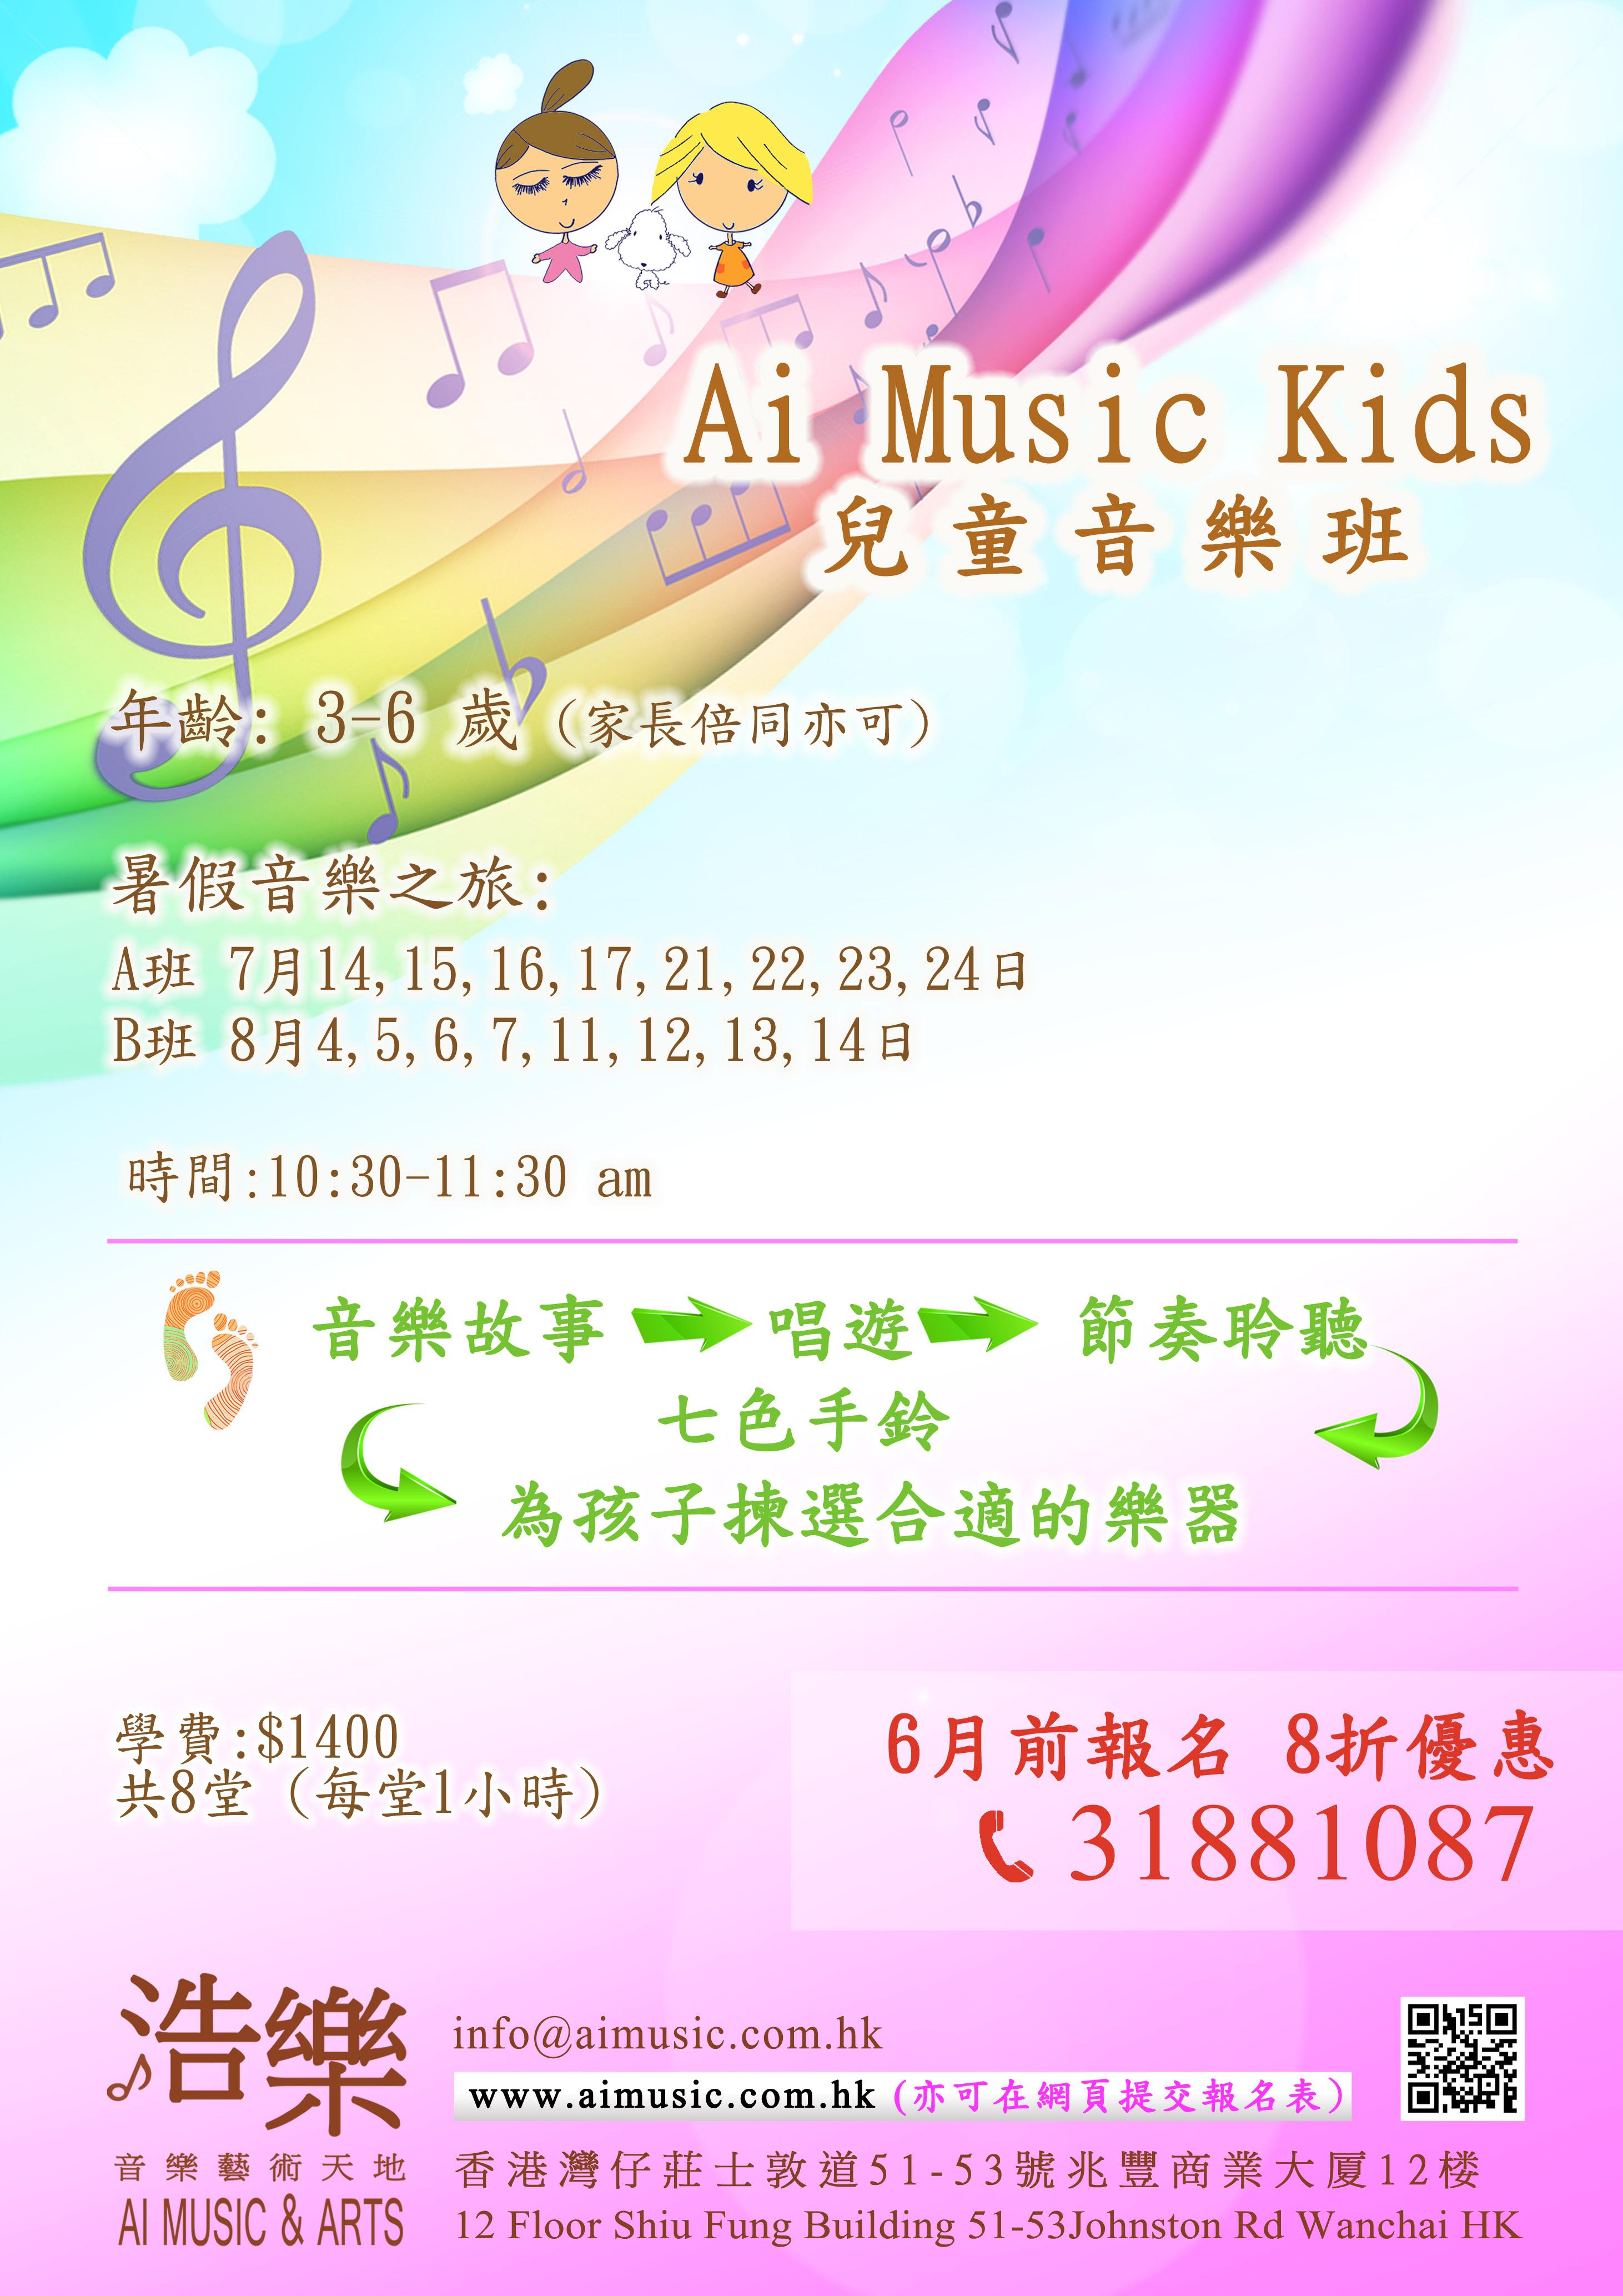 Ai Music & Kids